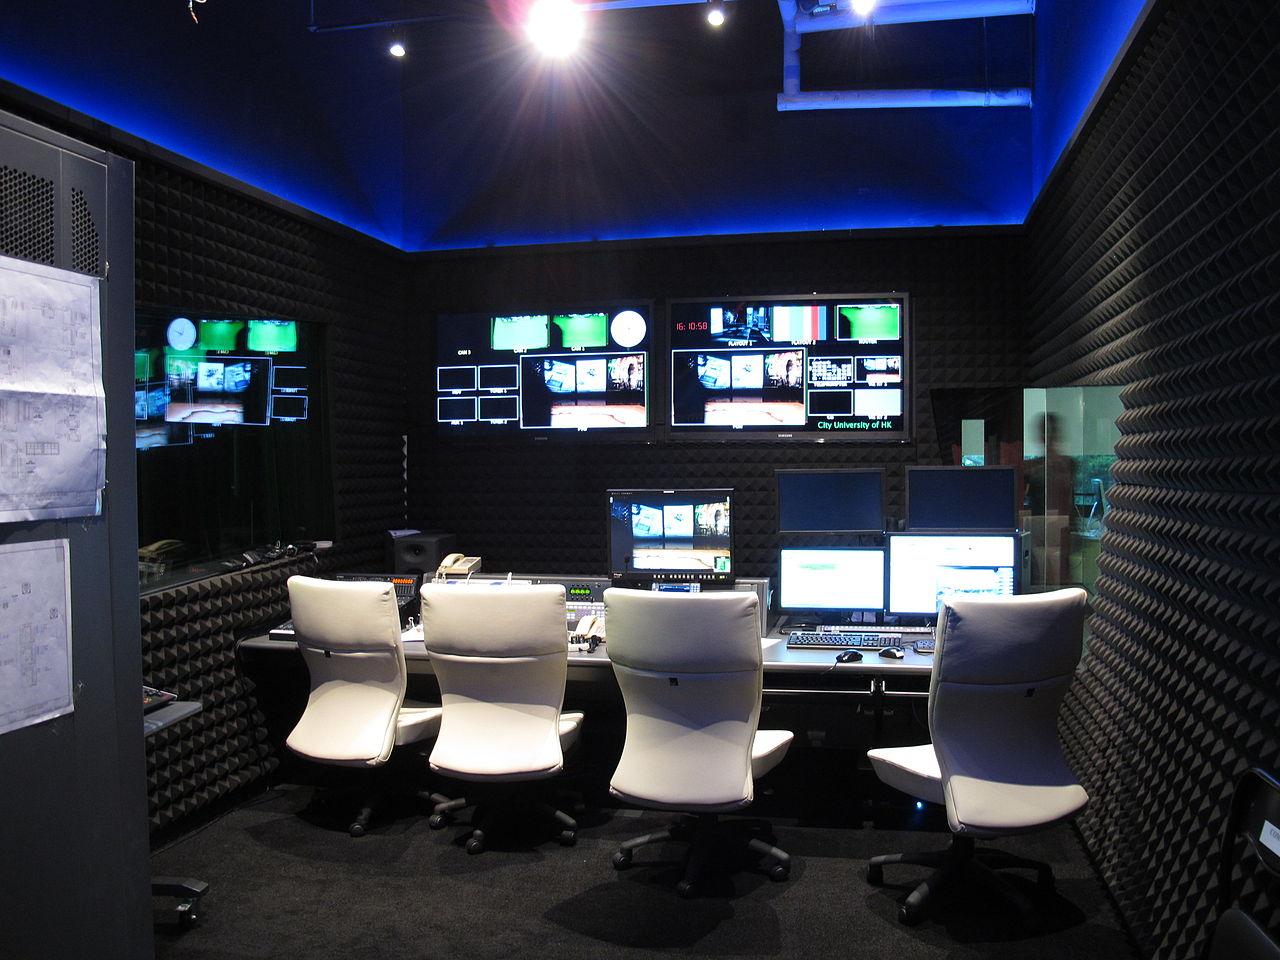 FileCityU Run Run Shaw Creative Media Centre Level 5 TV